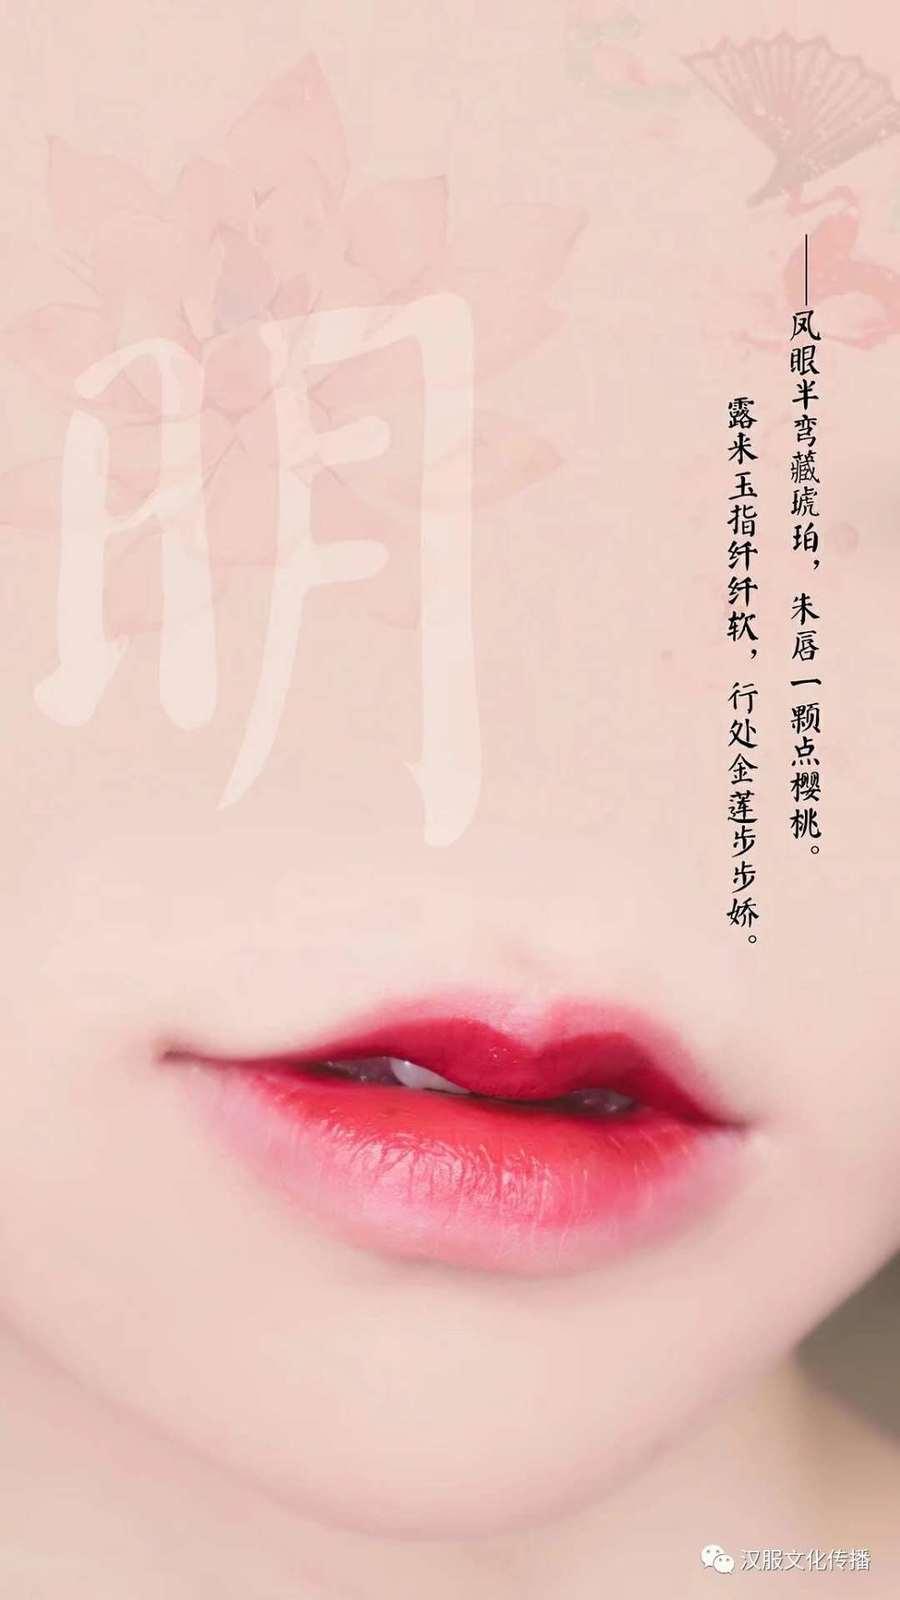 【汉服妆容】汉服各种妆的画法-各朝代唇形